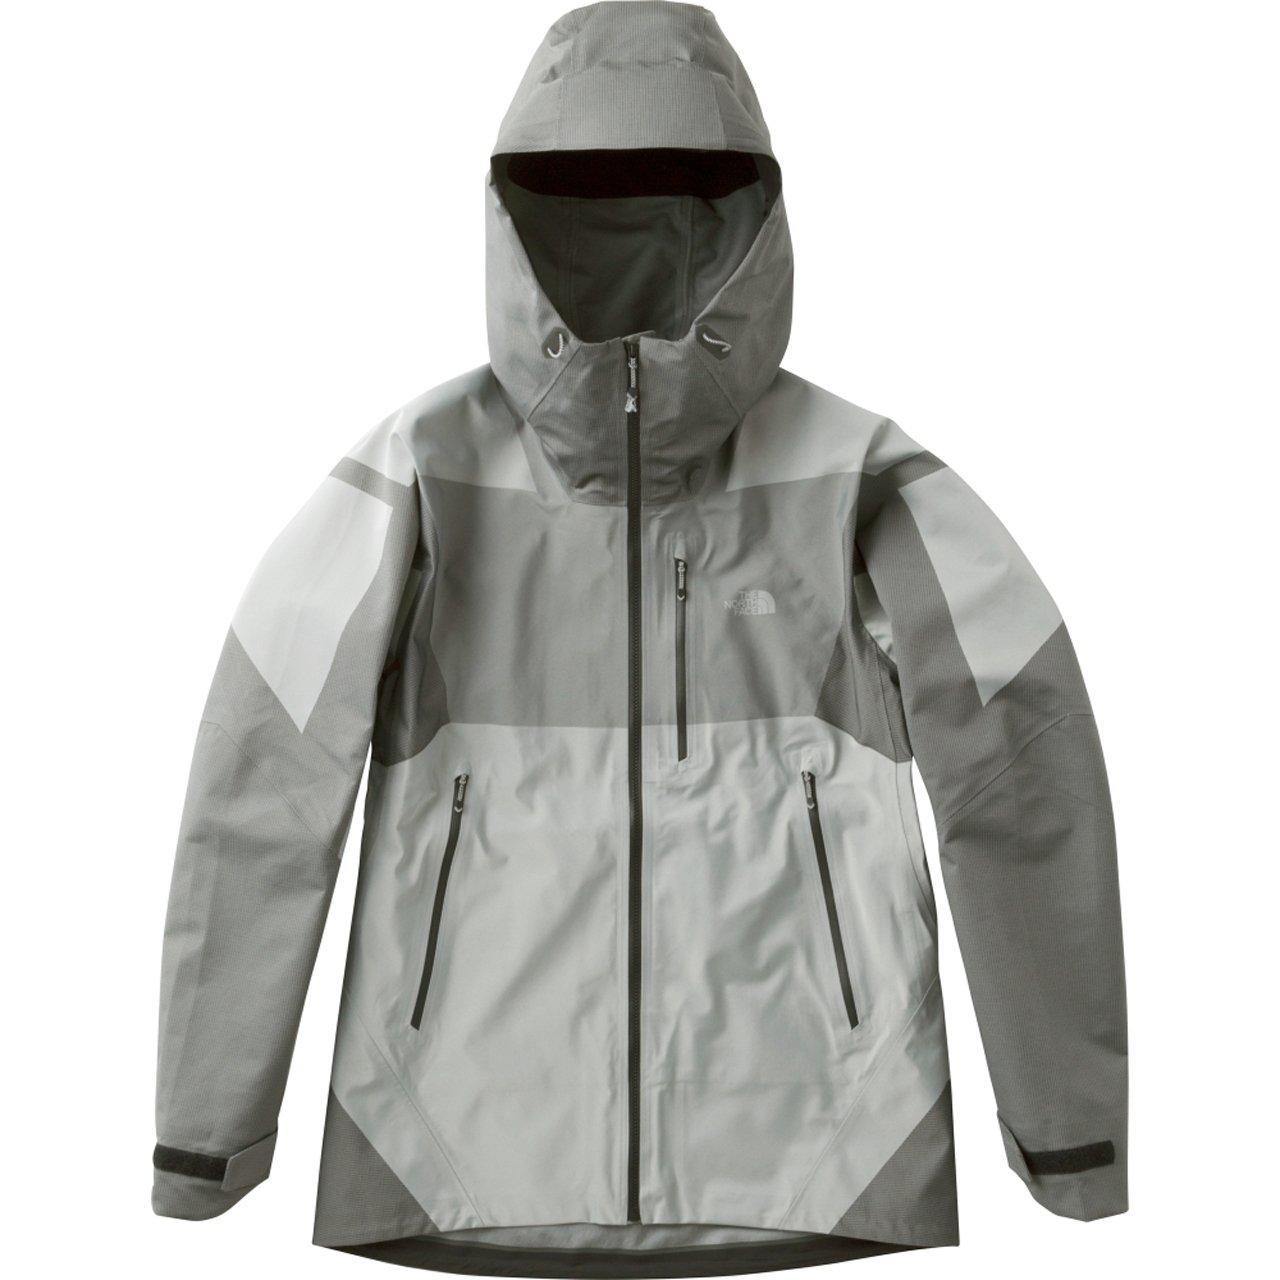 ザノースフェイス(THE NORTH FACE) L5ジャケット(L5 JACKET) NP51565 B01MG430Q1 USA-Lサイズ|KA(ブラック×アスファルトグレー) KA(ブラック×アスファルトグレー) USA-Lサイズ